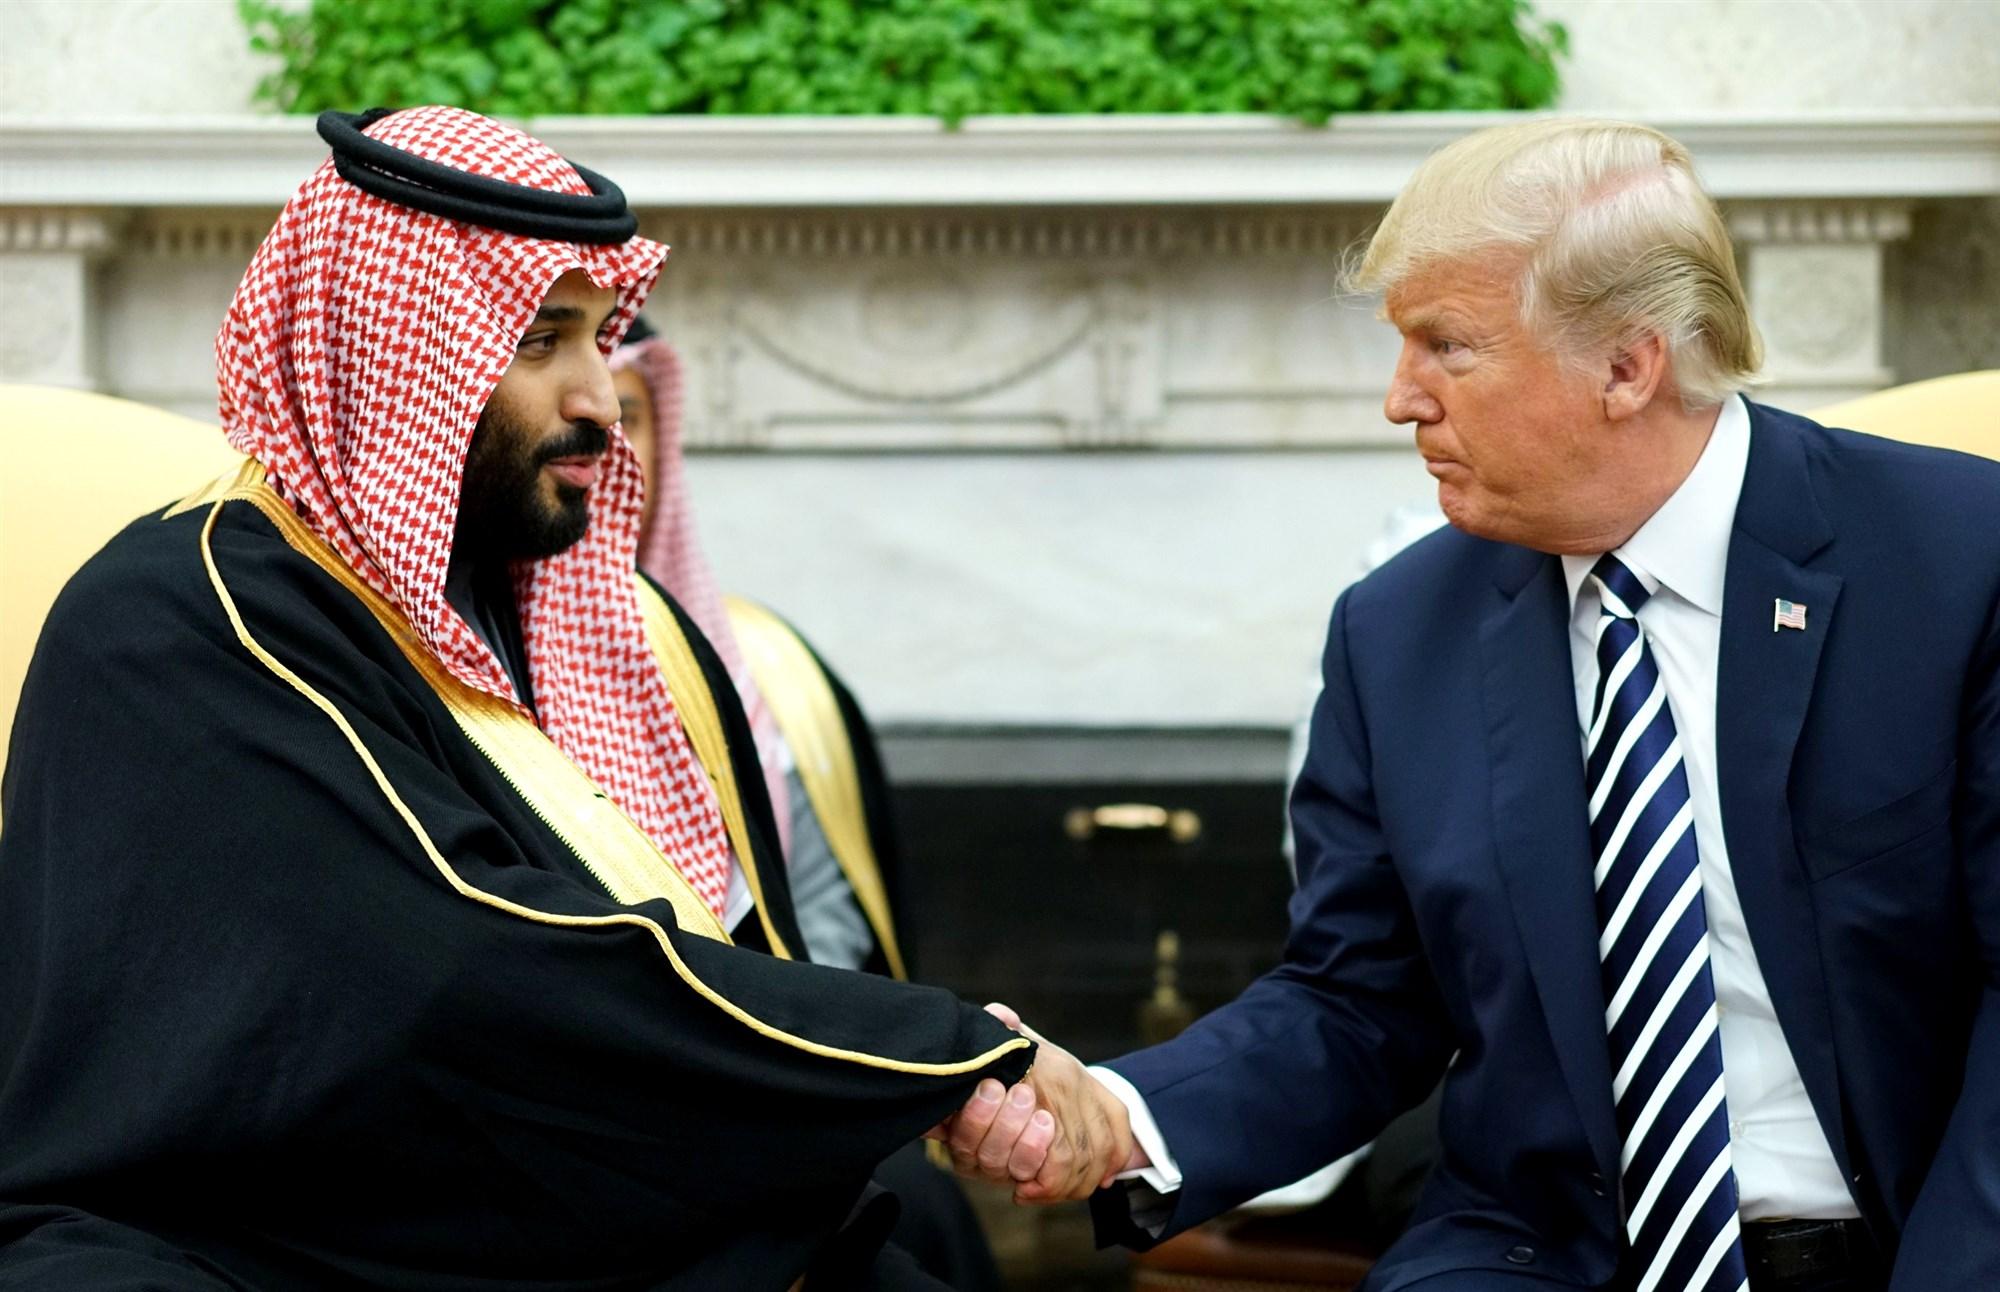 تاریخچه اشتهای سیری ناپذیر روسای جمهور ایالات متحده برای تزریق سلاح به خاورمیانه